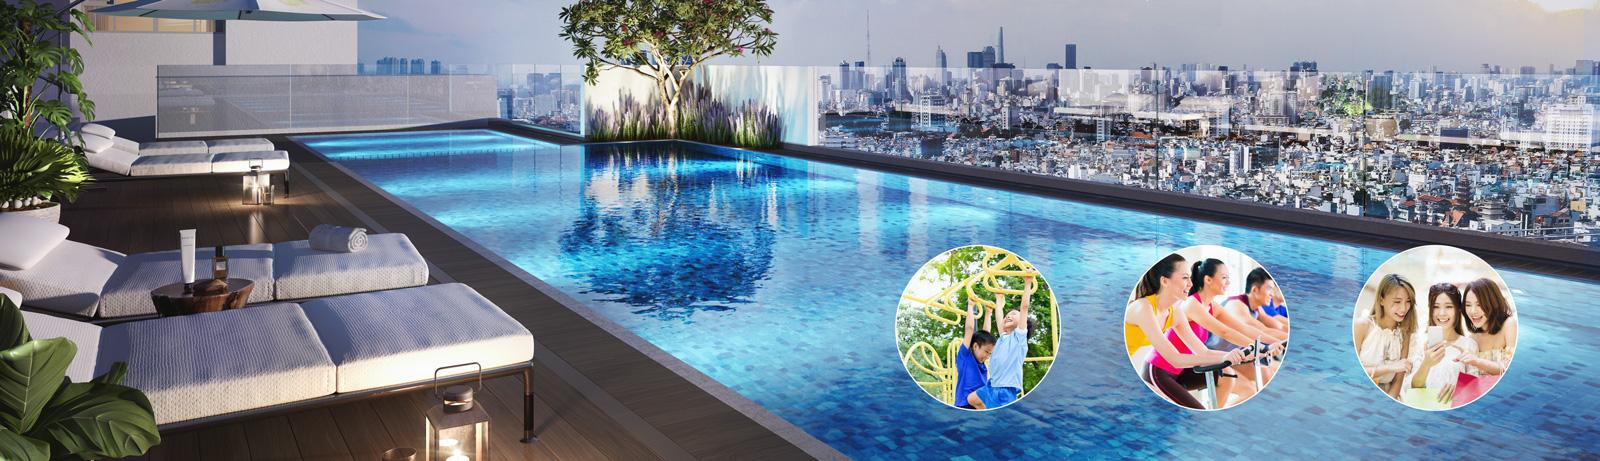 Hồ bơi tràn tại dự án M-One Gia Định.